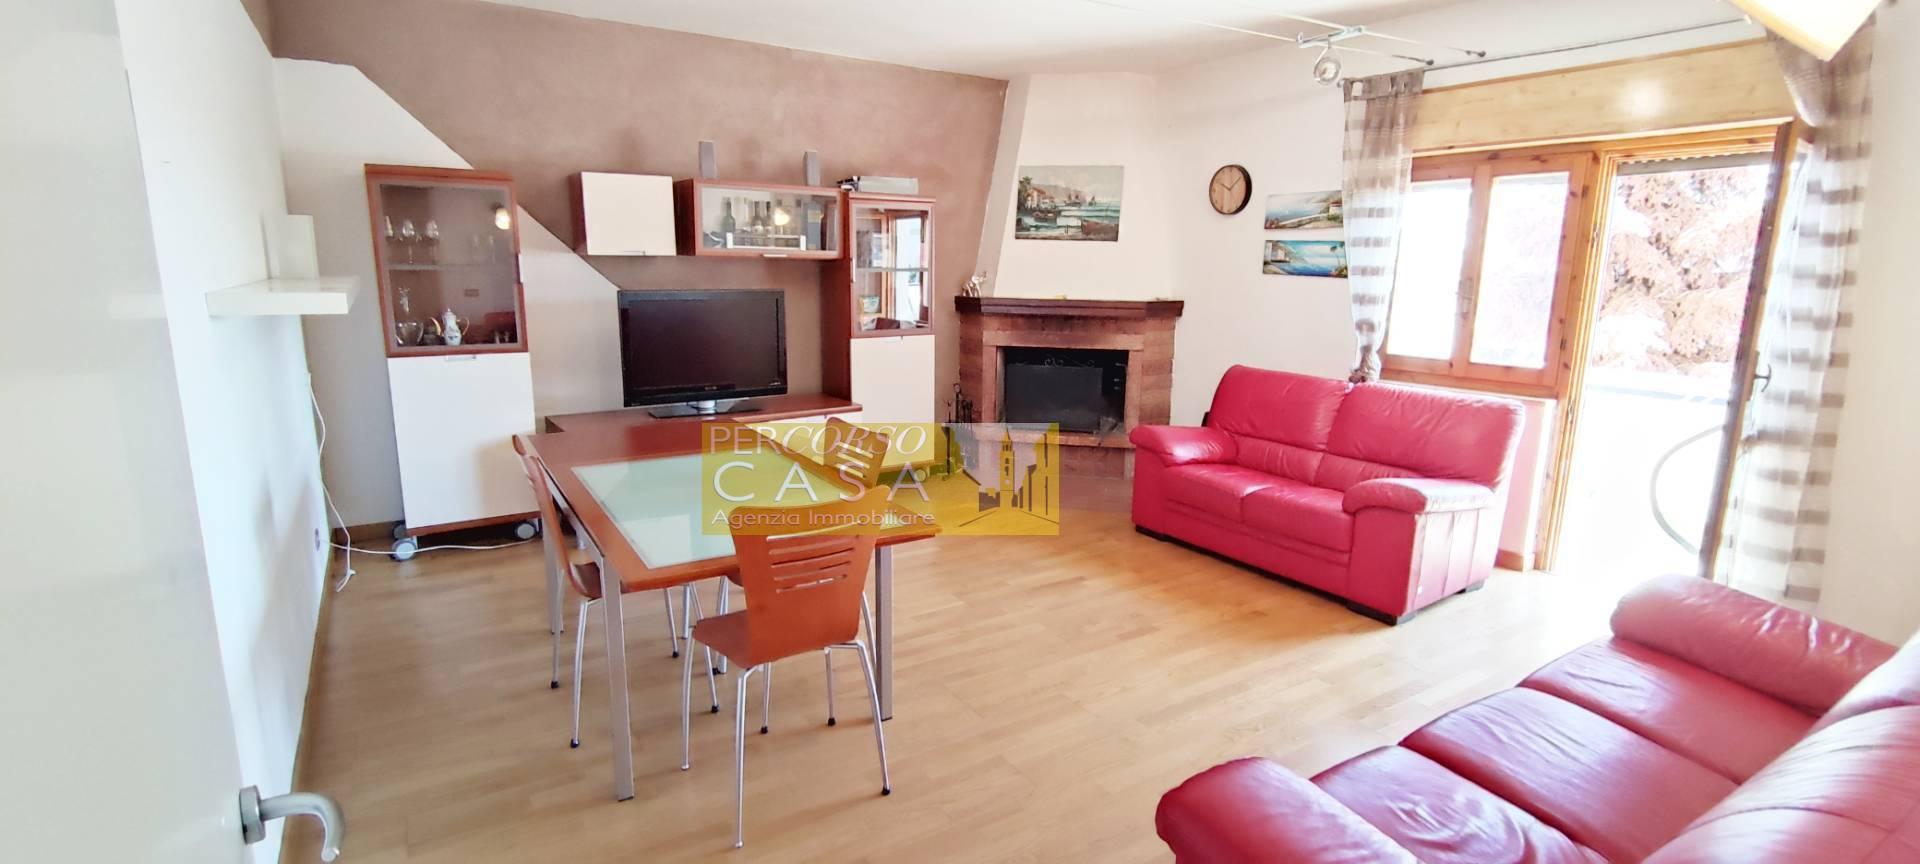 Appartamento in vendita a Teramo, 5 locali, zona Località: ZonaCastello, prezzo € 150.000 | PortaleAgenzieImmobiliari.it